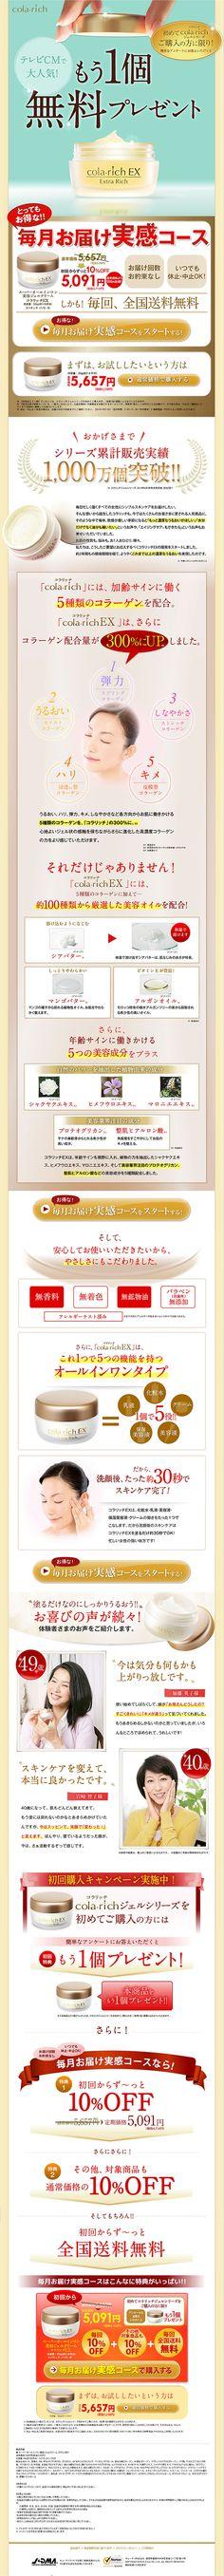 ランディングページ LP コラリッチEX スキンケア・美容商品 自社サイト